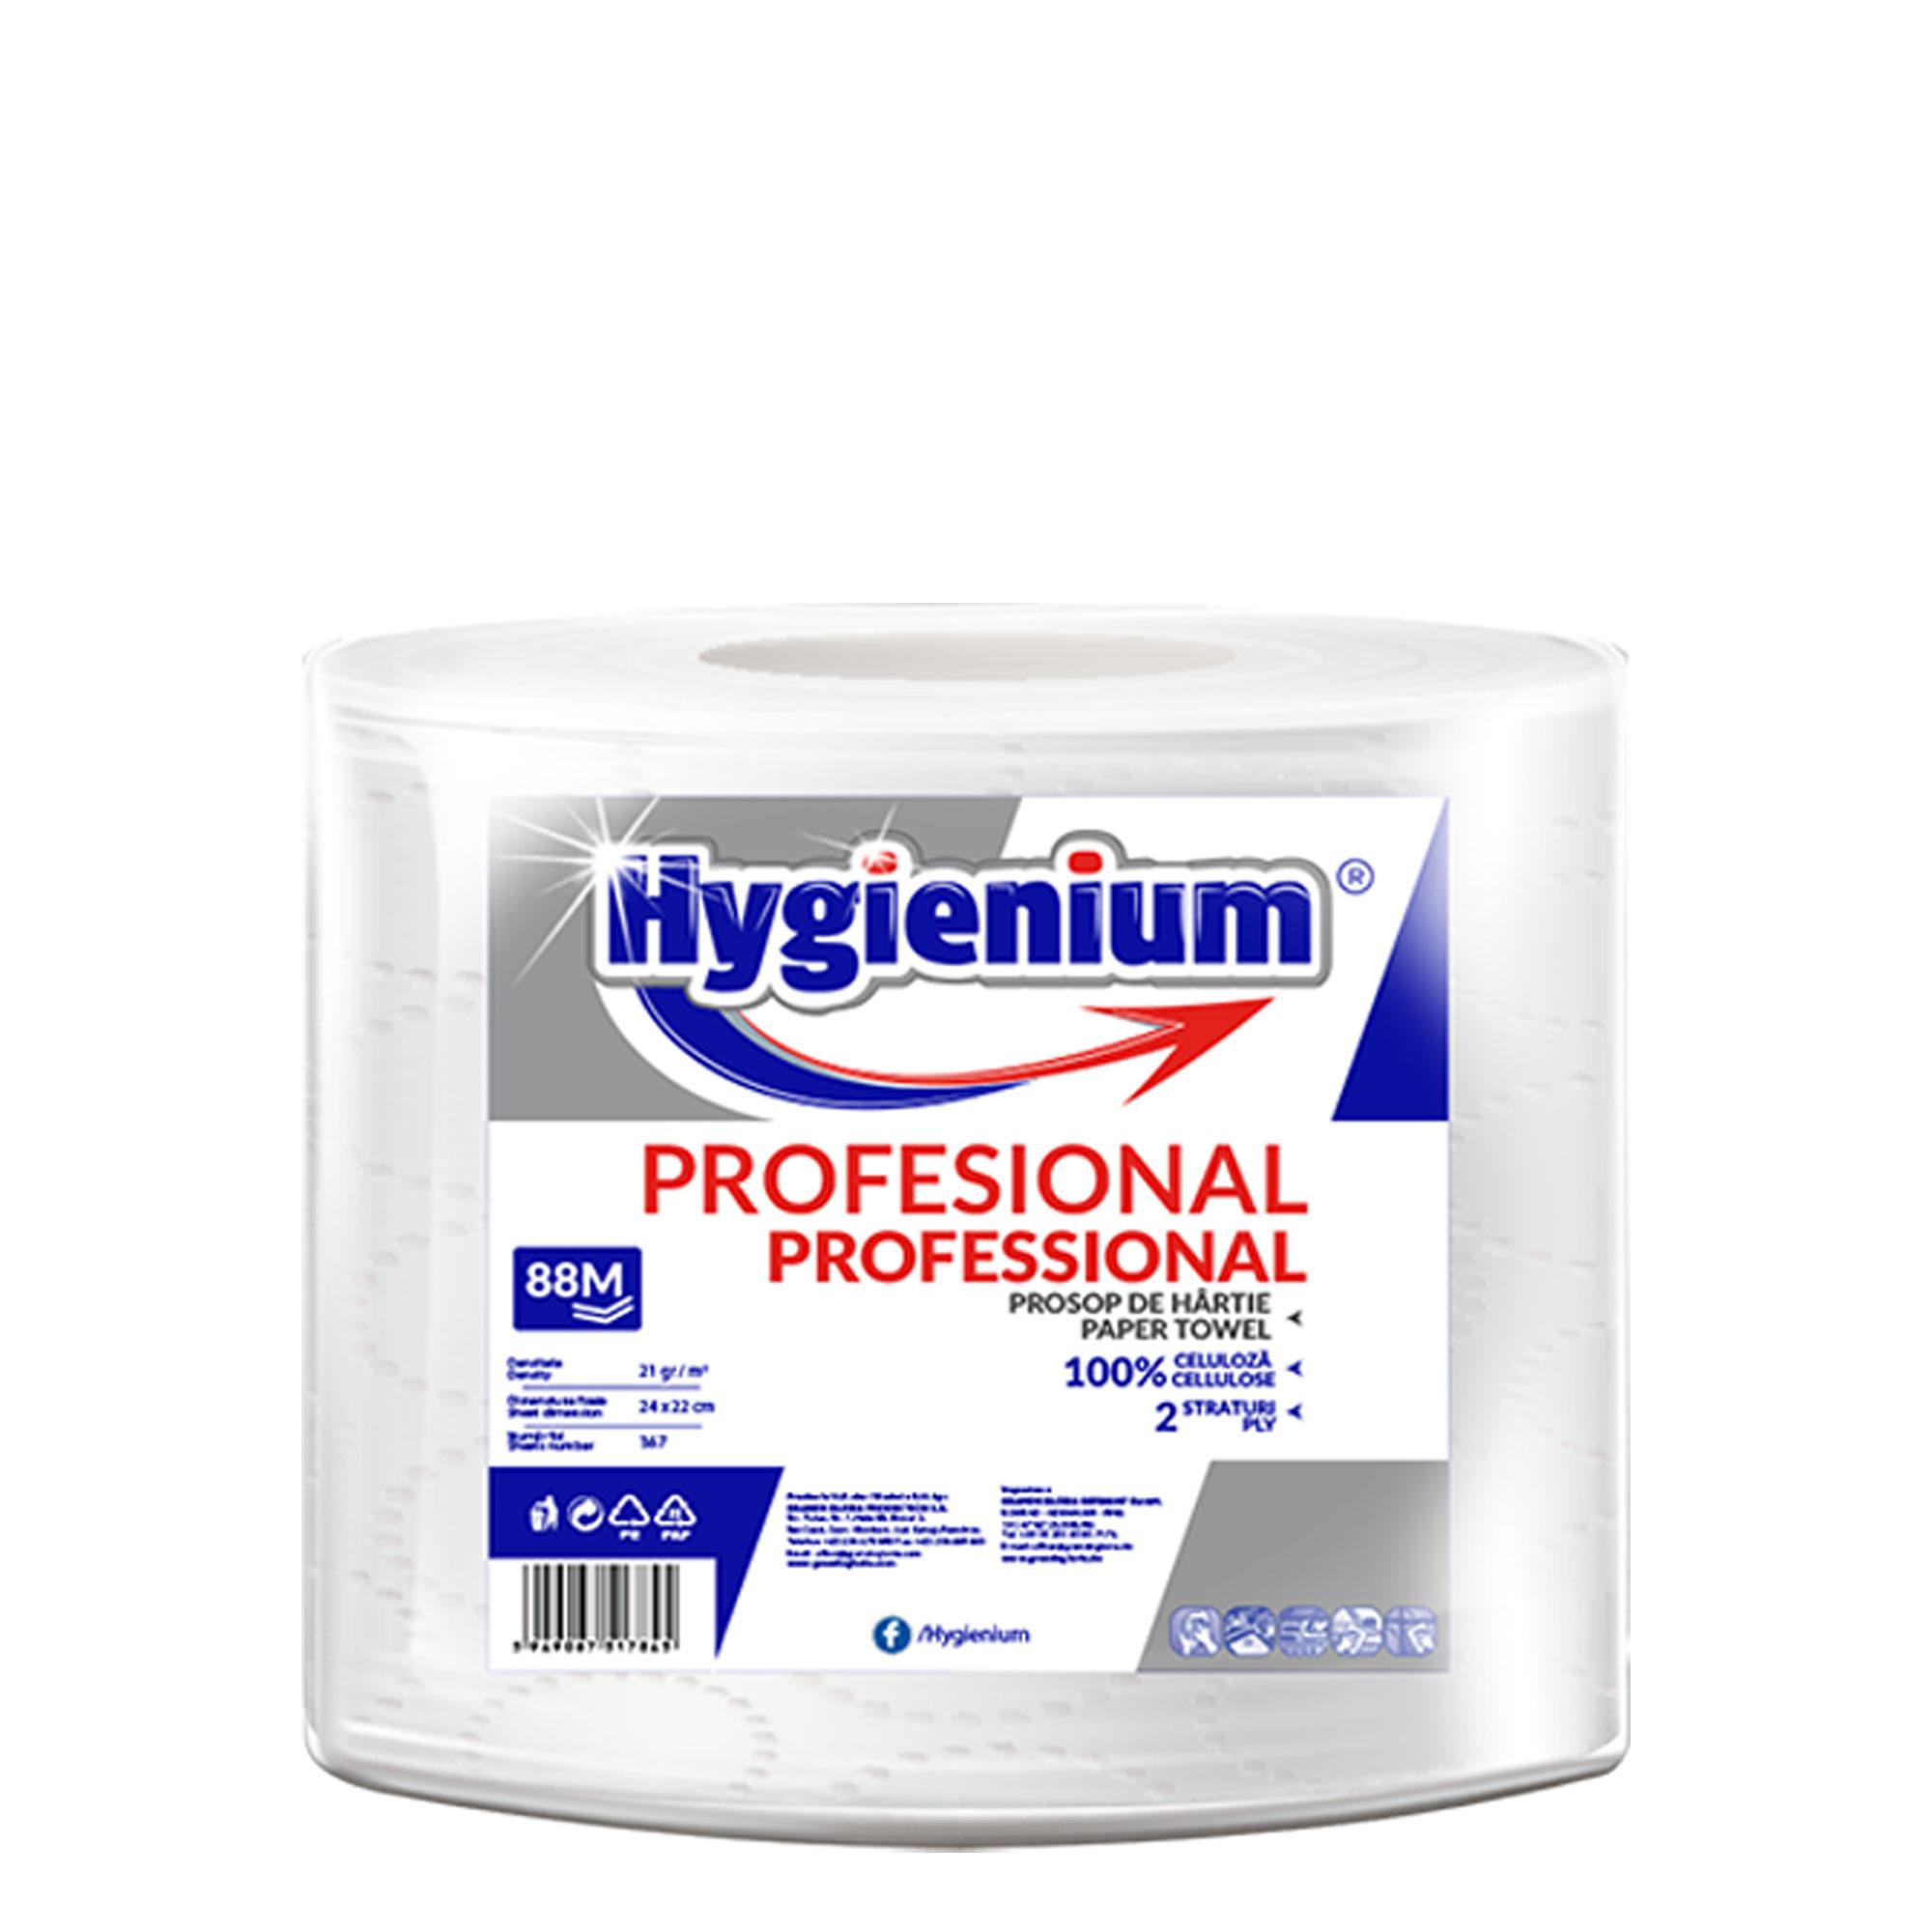 Hygienium Professional Prosop hartie 88 M